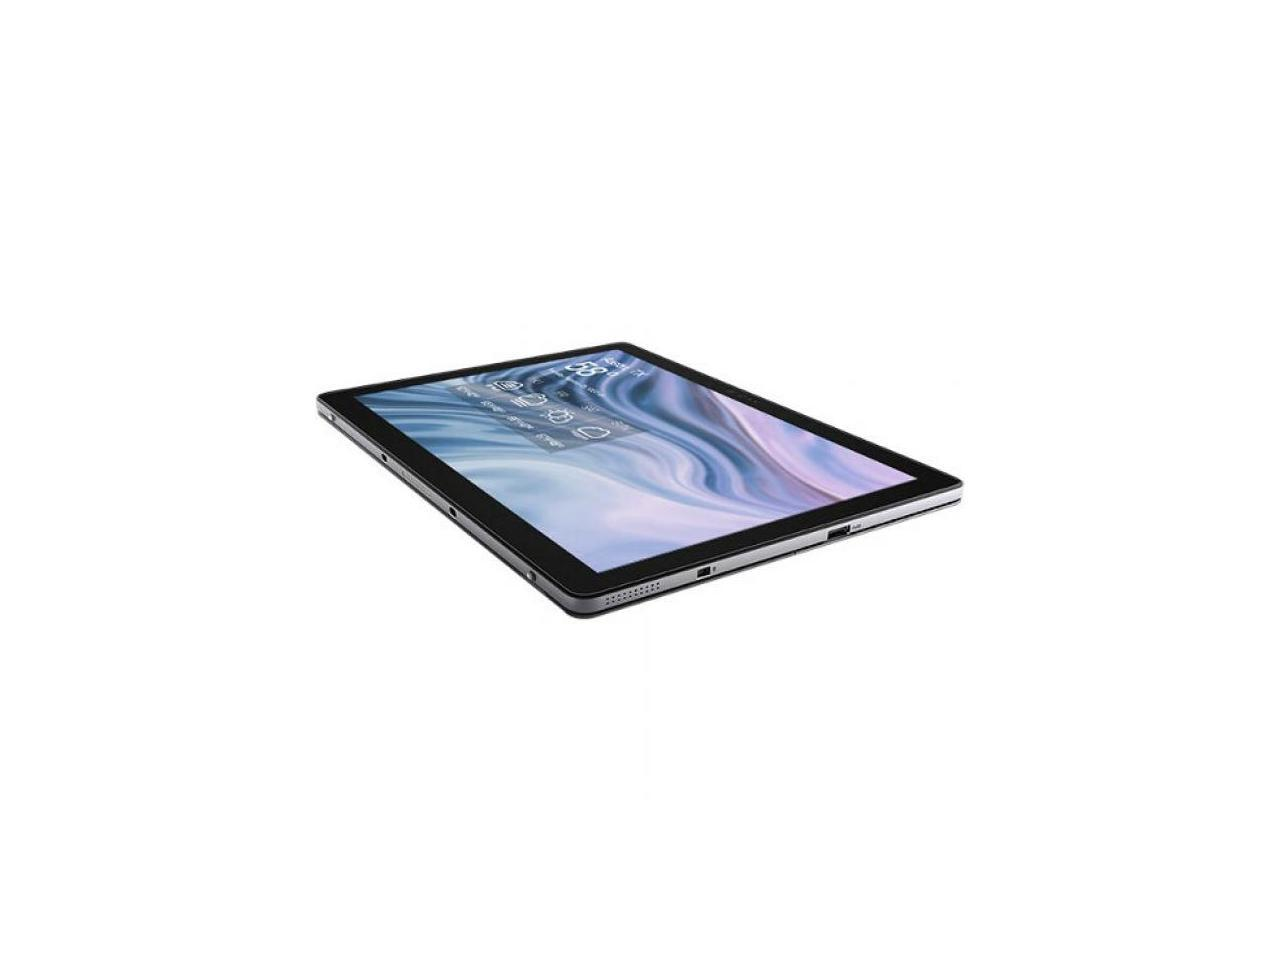 """thumbnail 7 - Dell Latitude 7000 7210 Tablet 12.3"""" Full HD i7-10610U 16GB 512GB W10P Titan Gry"""